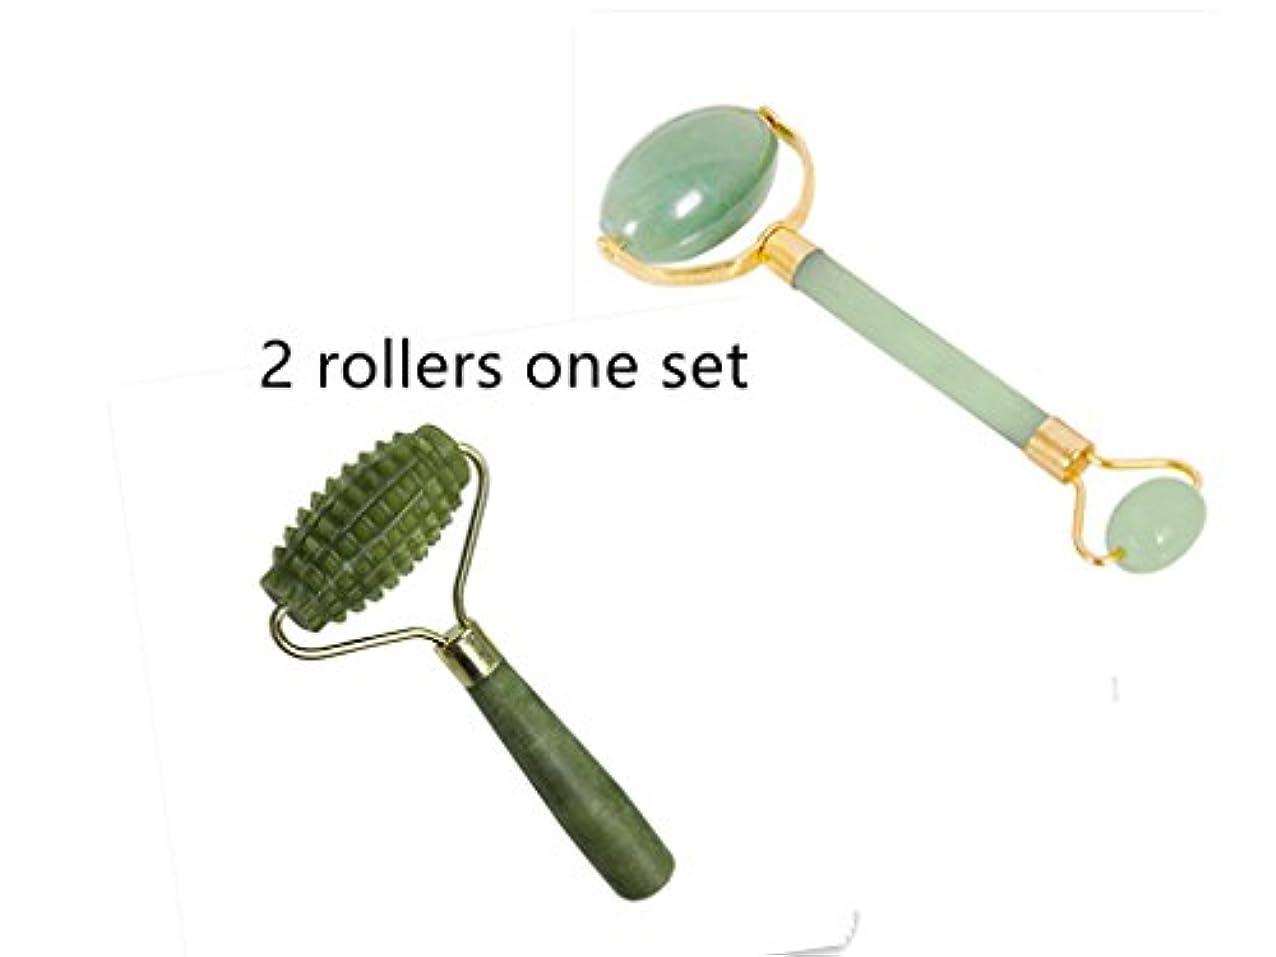 親密な相対サイズすみませんEcho & Kern 2点翡翠フェイスマッサジギザギザ付きでローラー 2pcs one set Double head Jade Roller and one single head Jade roller